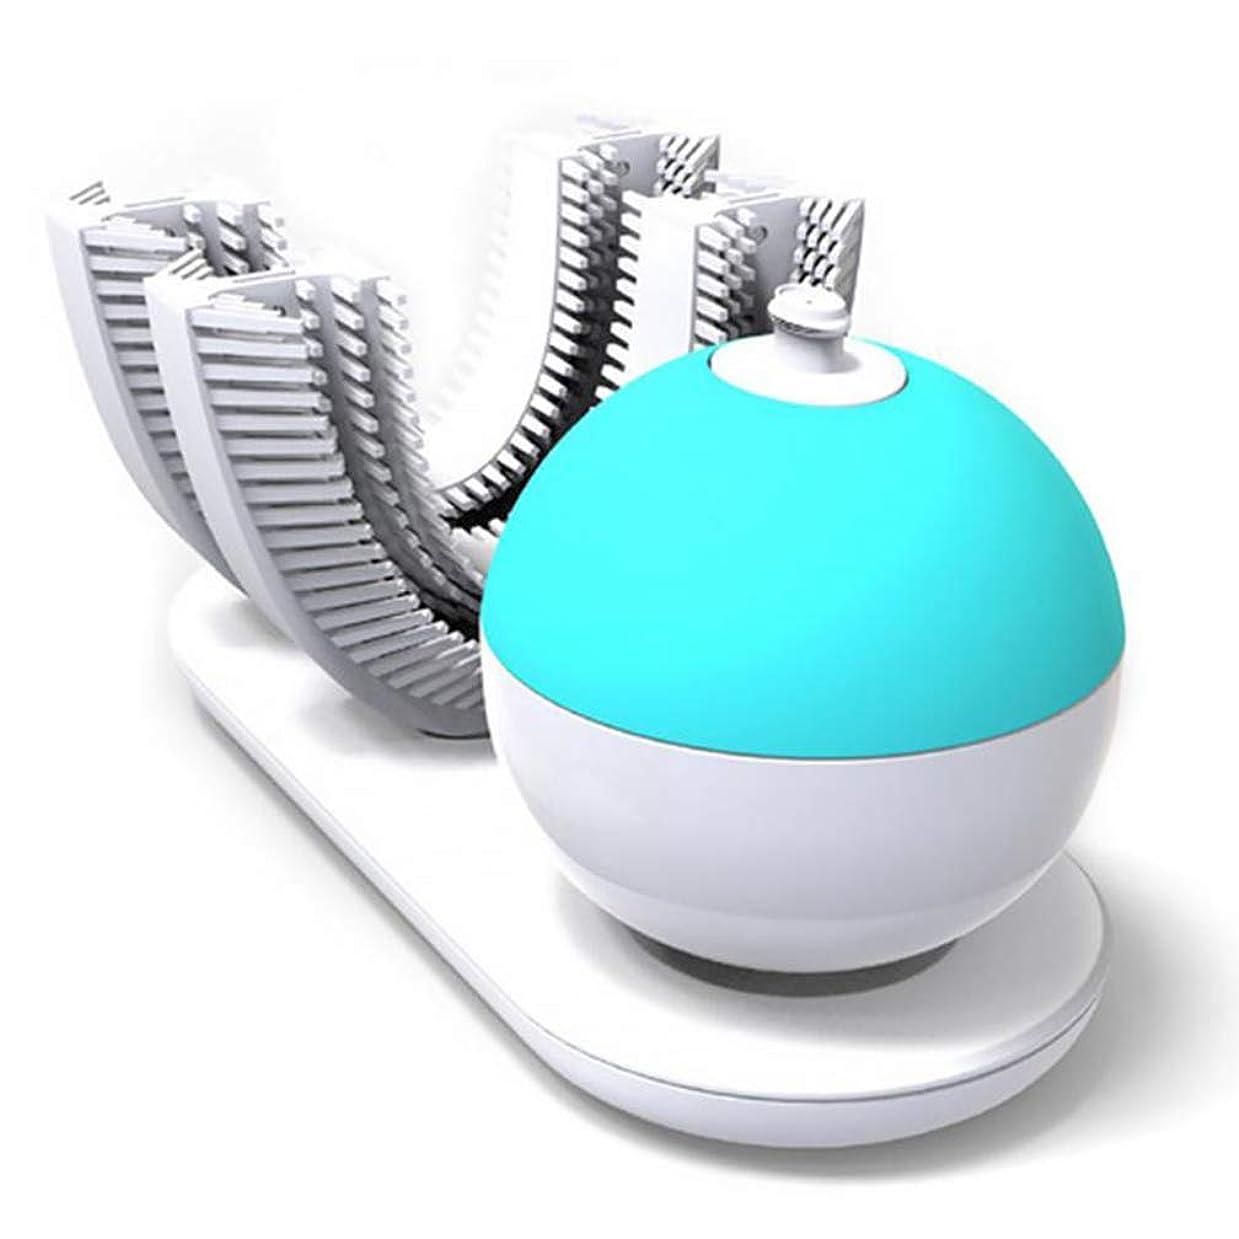 やりすぎドラマ針怠惰な電動歯ブラシ、音波自動歯ブラシ360°包囲清掃歯、より深い清掃、クリーニングを白くする歯を満たす無線USB